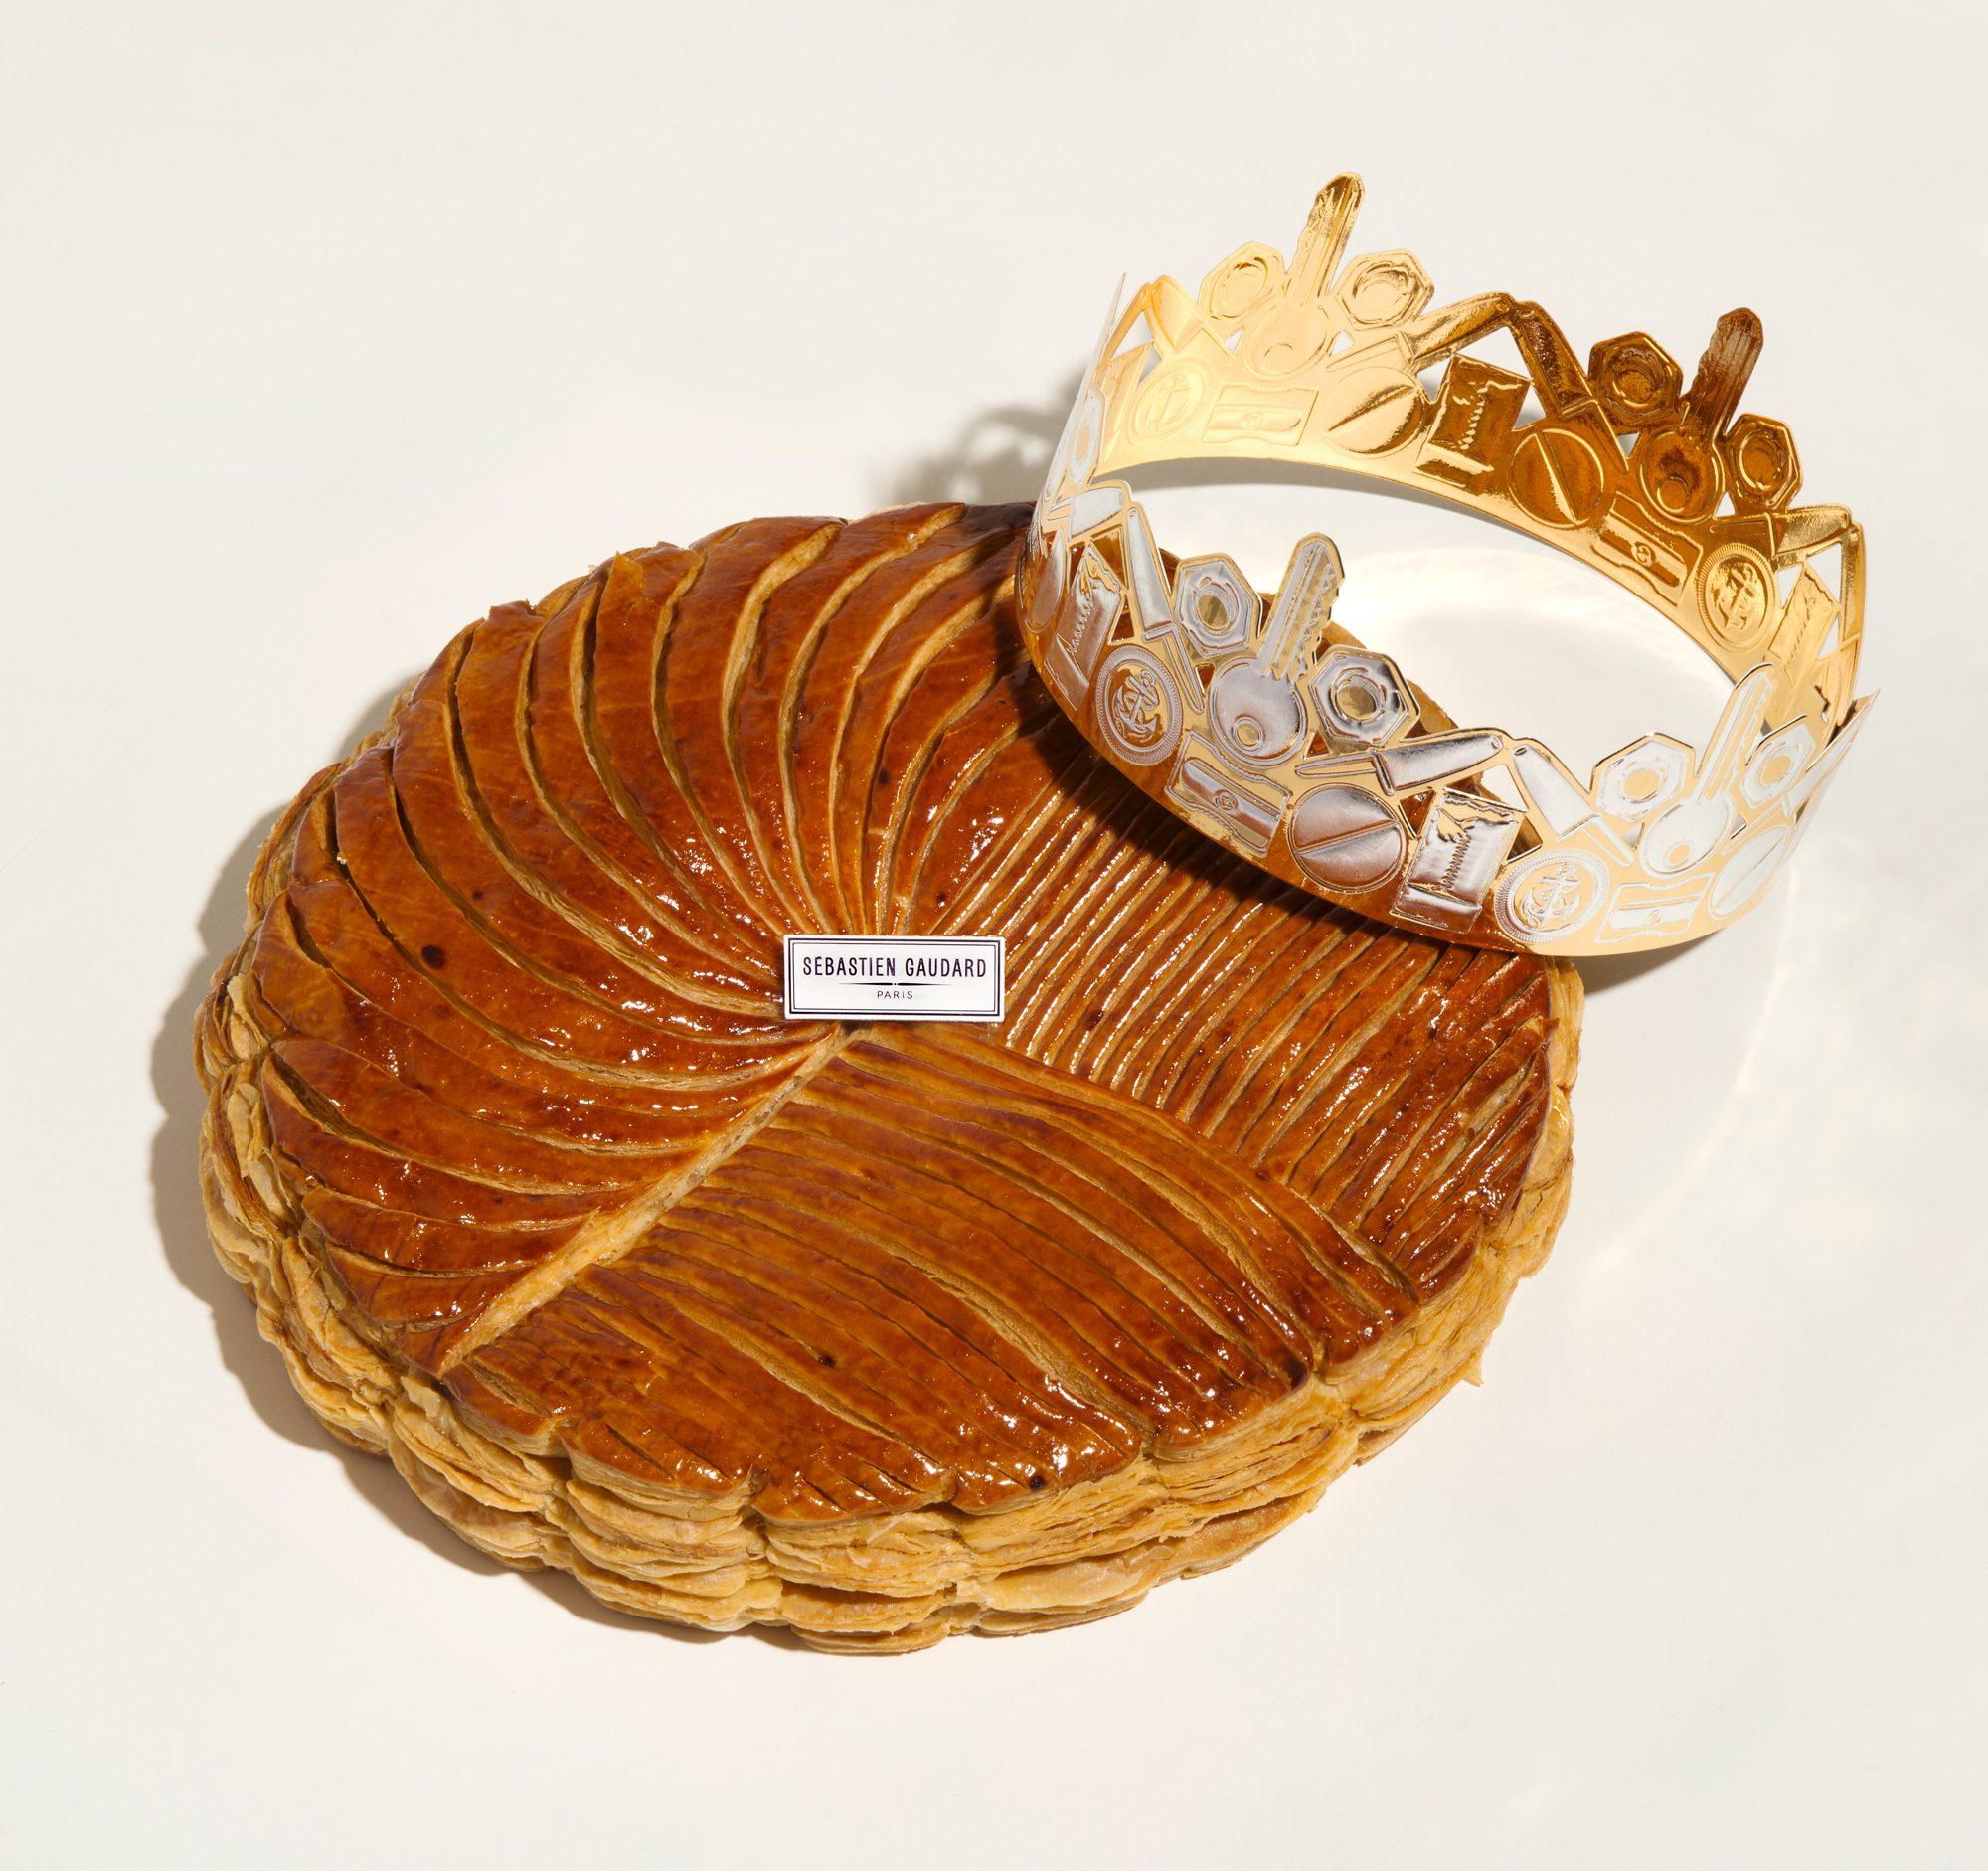 galette des rois SEBASTIEN GAUDARD avec une couronne assemblage d'objets du quotidiens par christine Phung dessinée par Ich&Kar